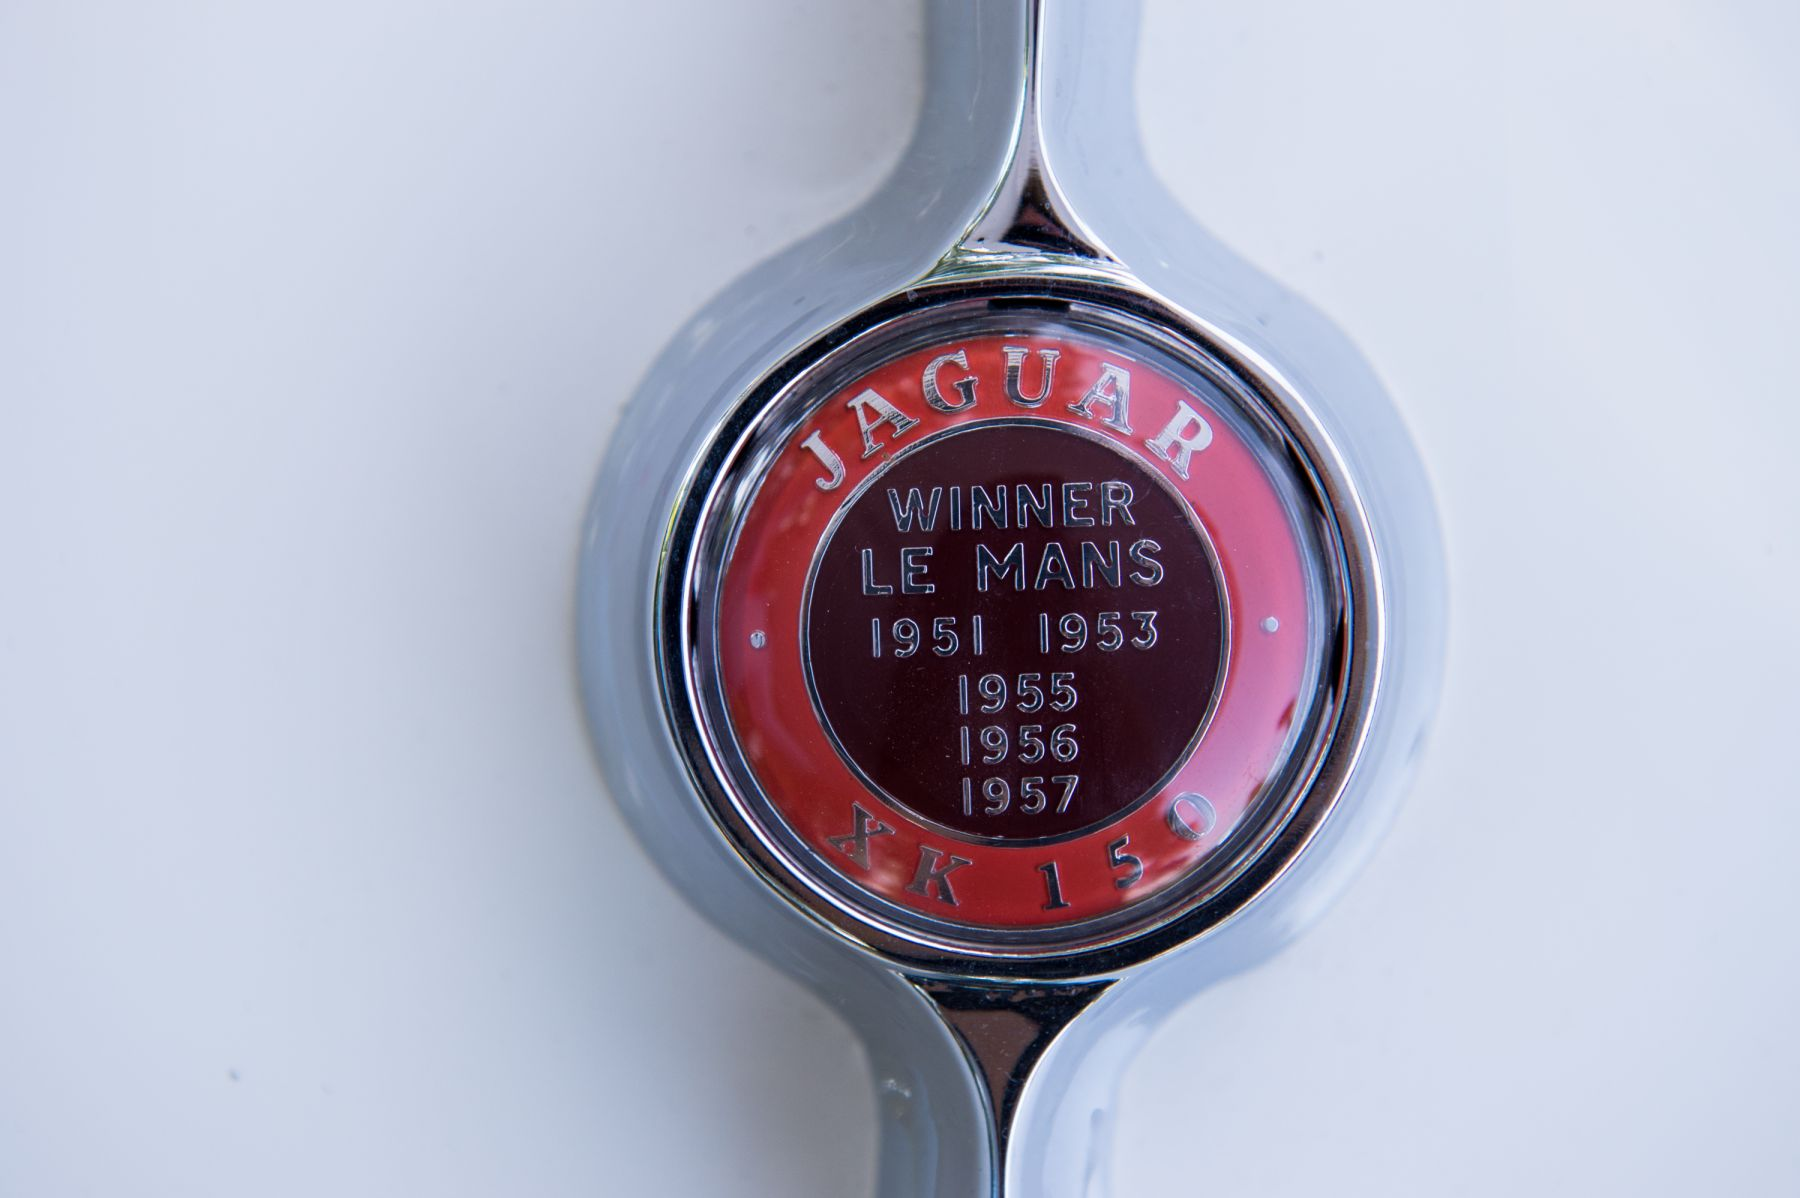 Jaguar XK150 3.4 S OTS 1958